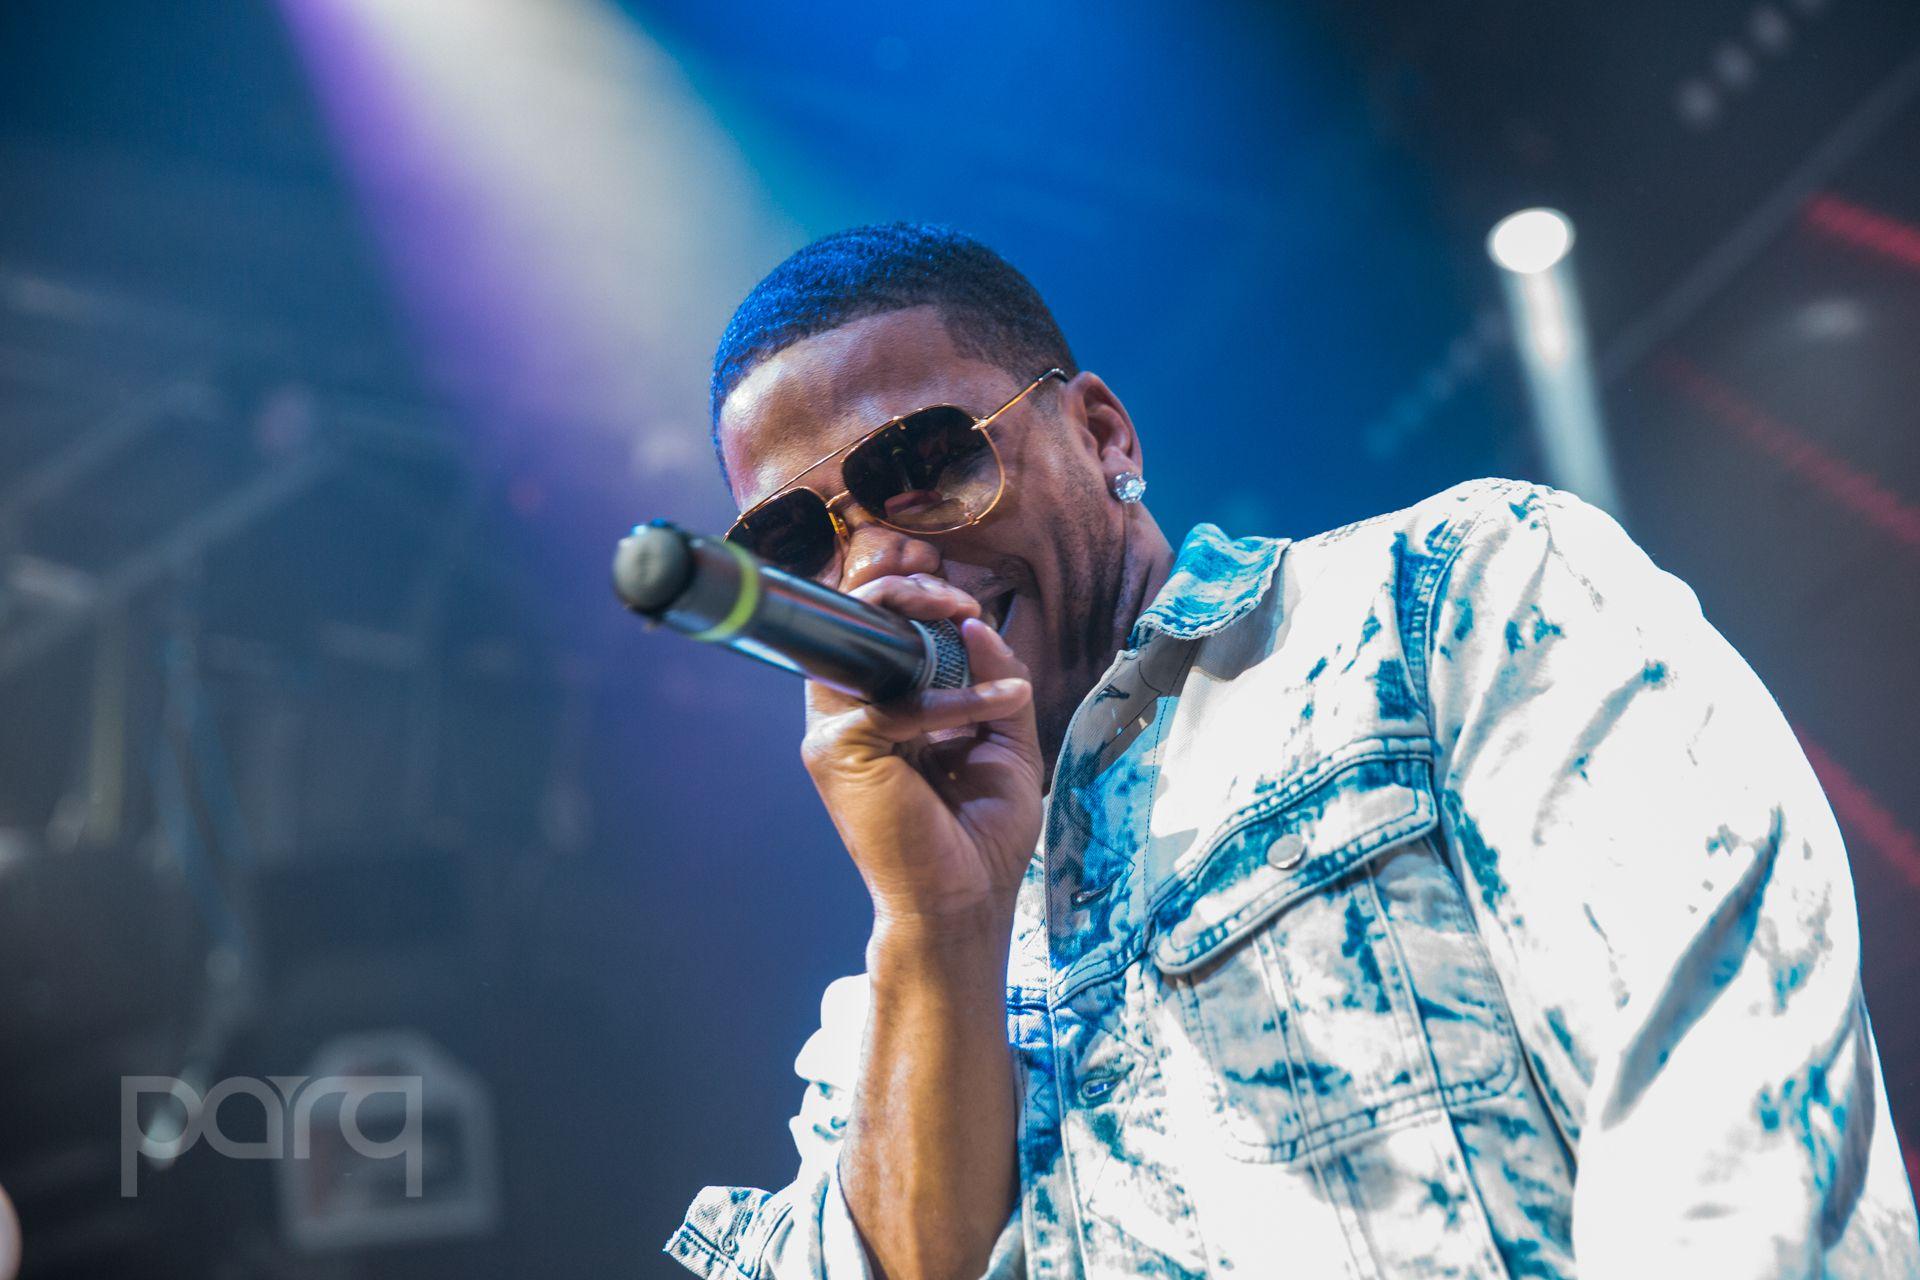 09.09.17 Parq - Nelly-5.jpg